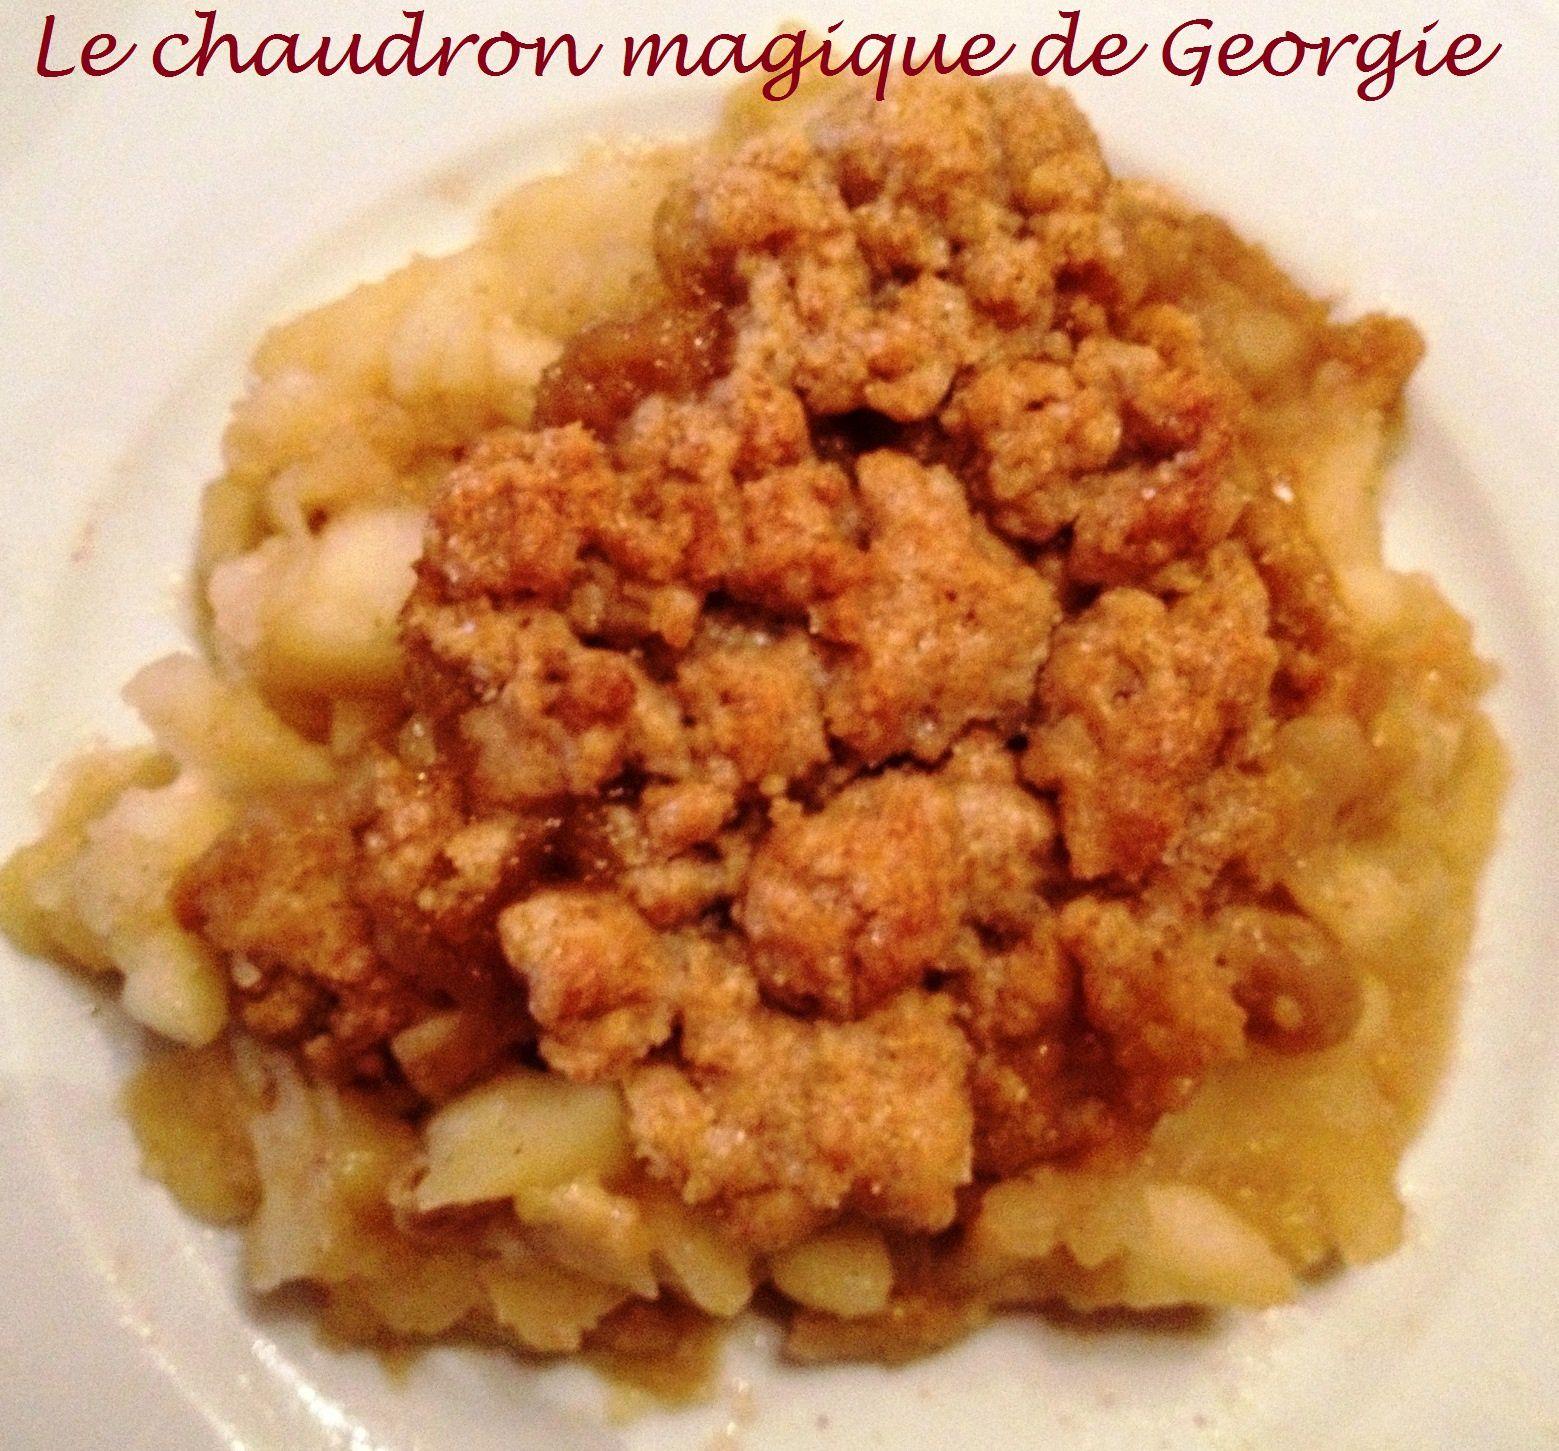 Crumble de pommes ww au thermomix le chaudron magique - Livre thermomix ma cuisine 100 facons pdf ...